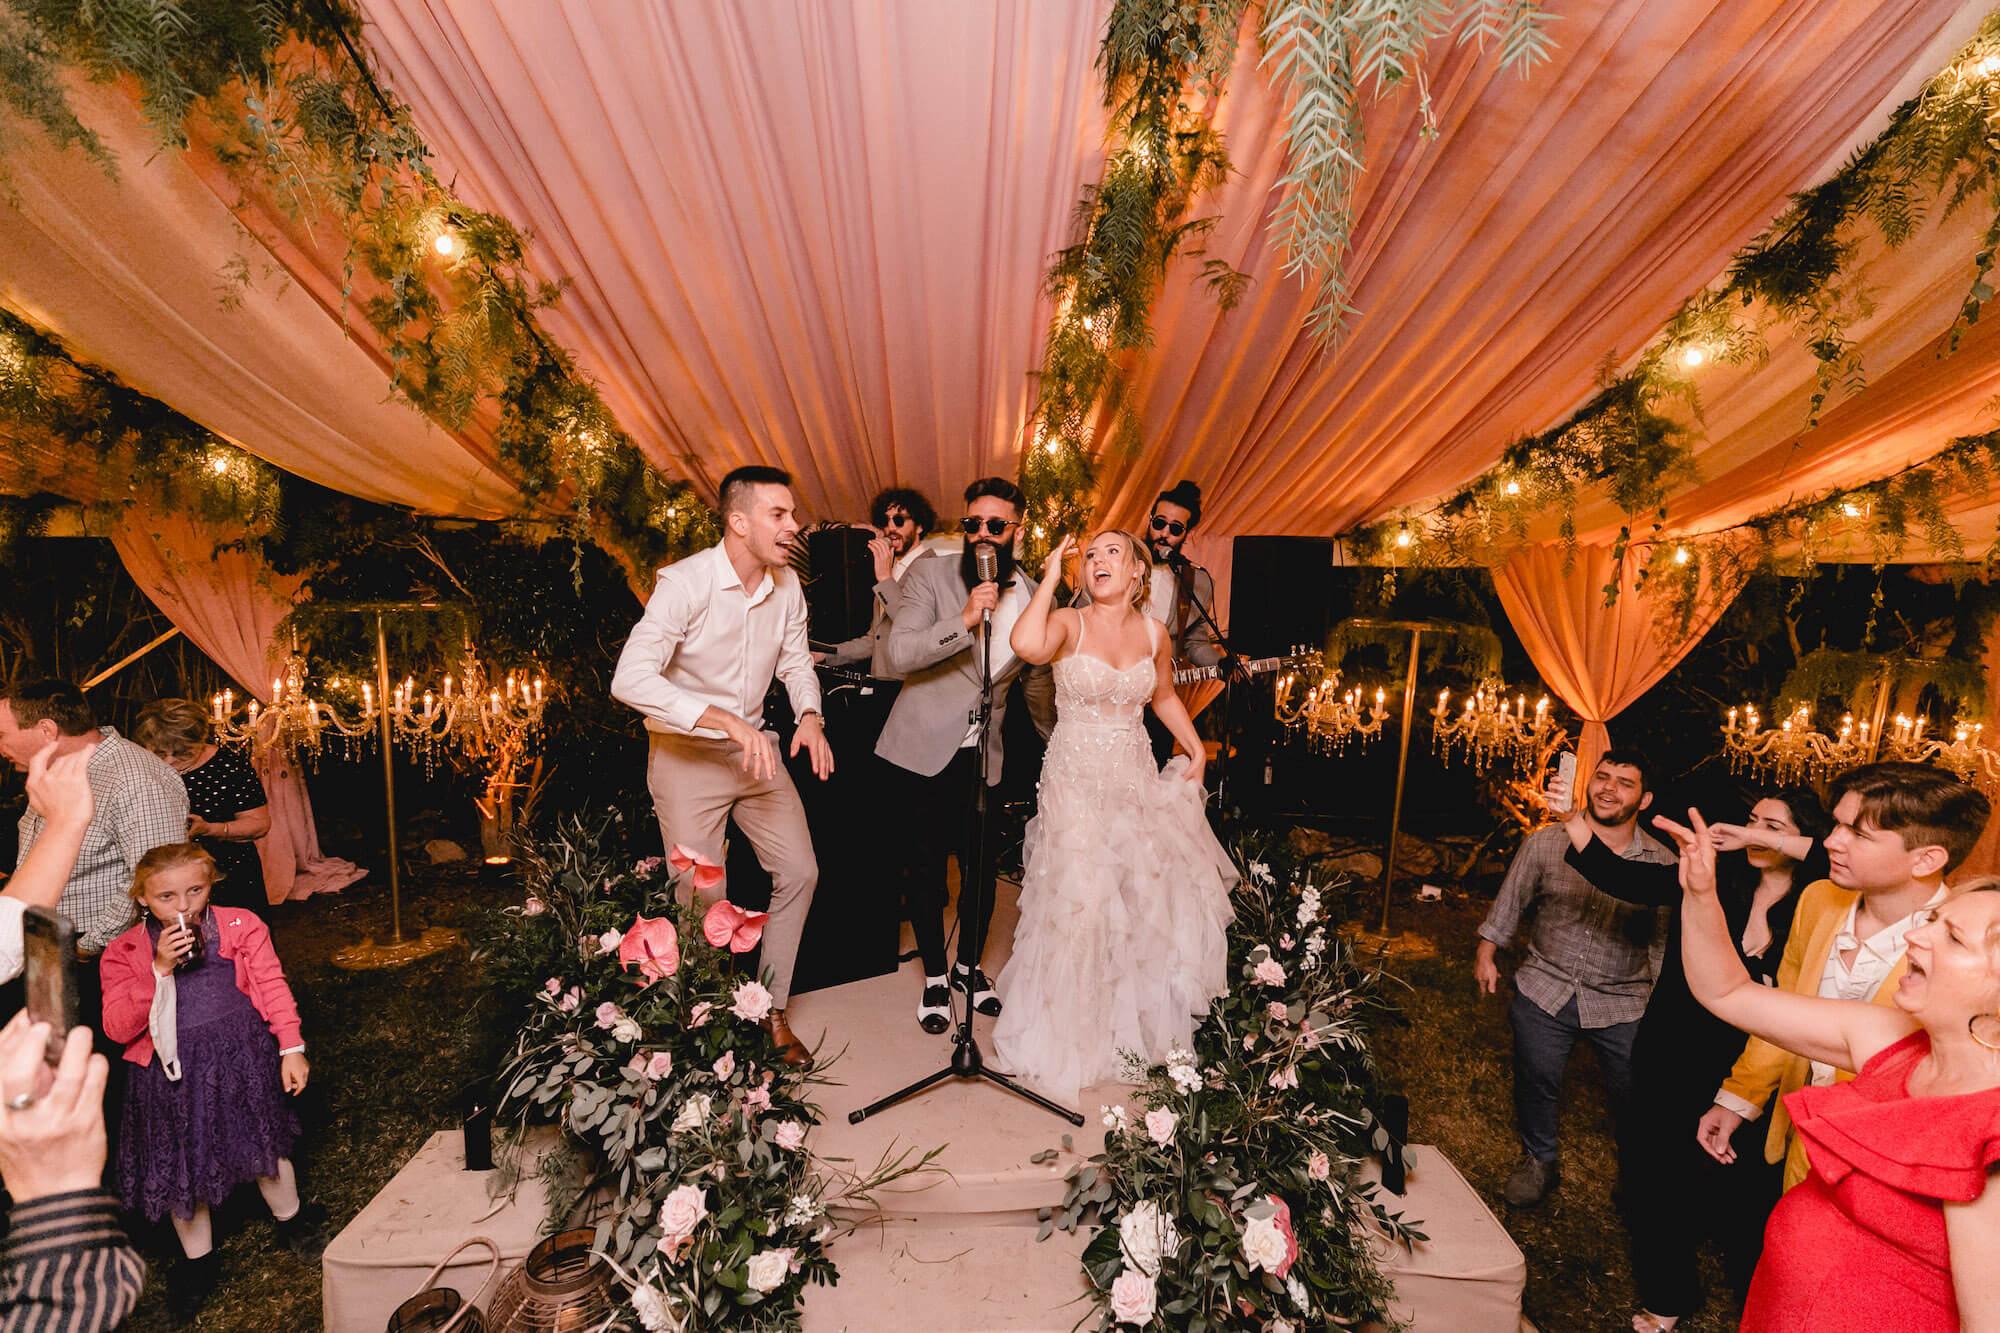 חתונה בצל הקורונה: עשרה רגעים מ2020